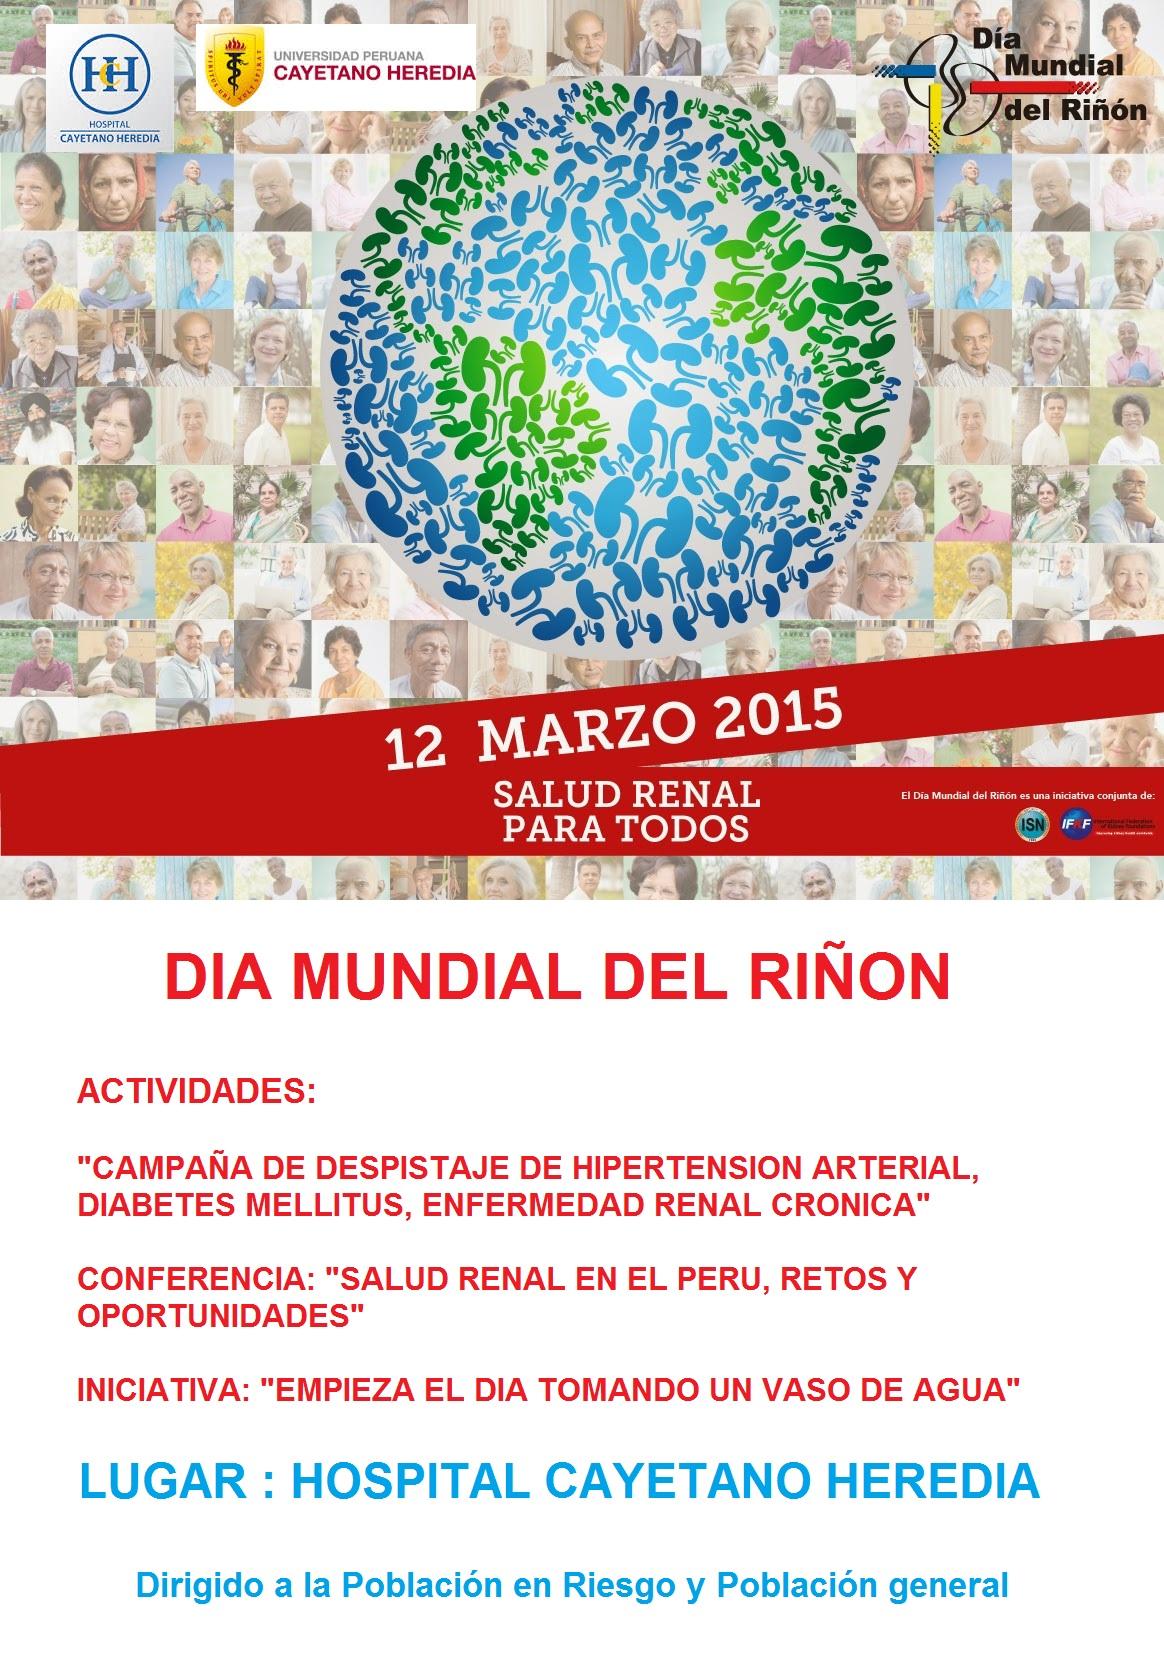 """DIA MUNDIAL DEL RIÑON 2015: """"CAMPAÑA DE PREVENCION Y DETECCION DE LA ENFERMEDAD RENAL CRONICA """""""